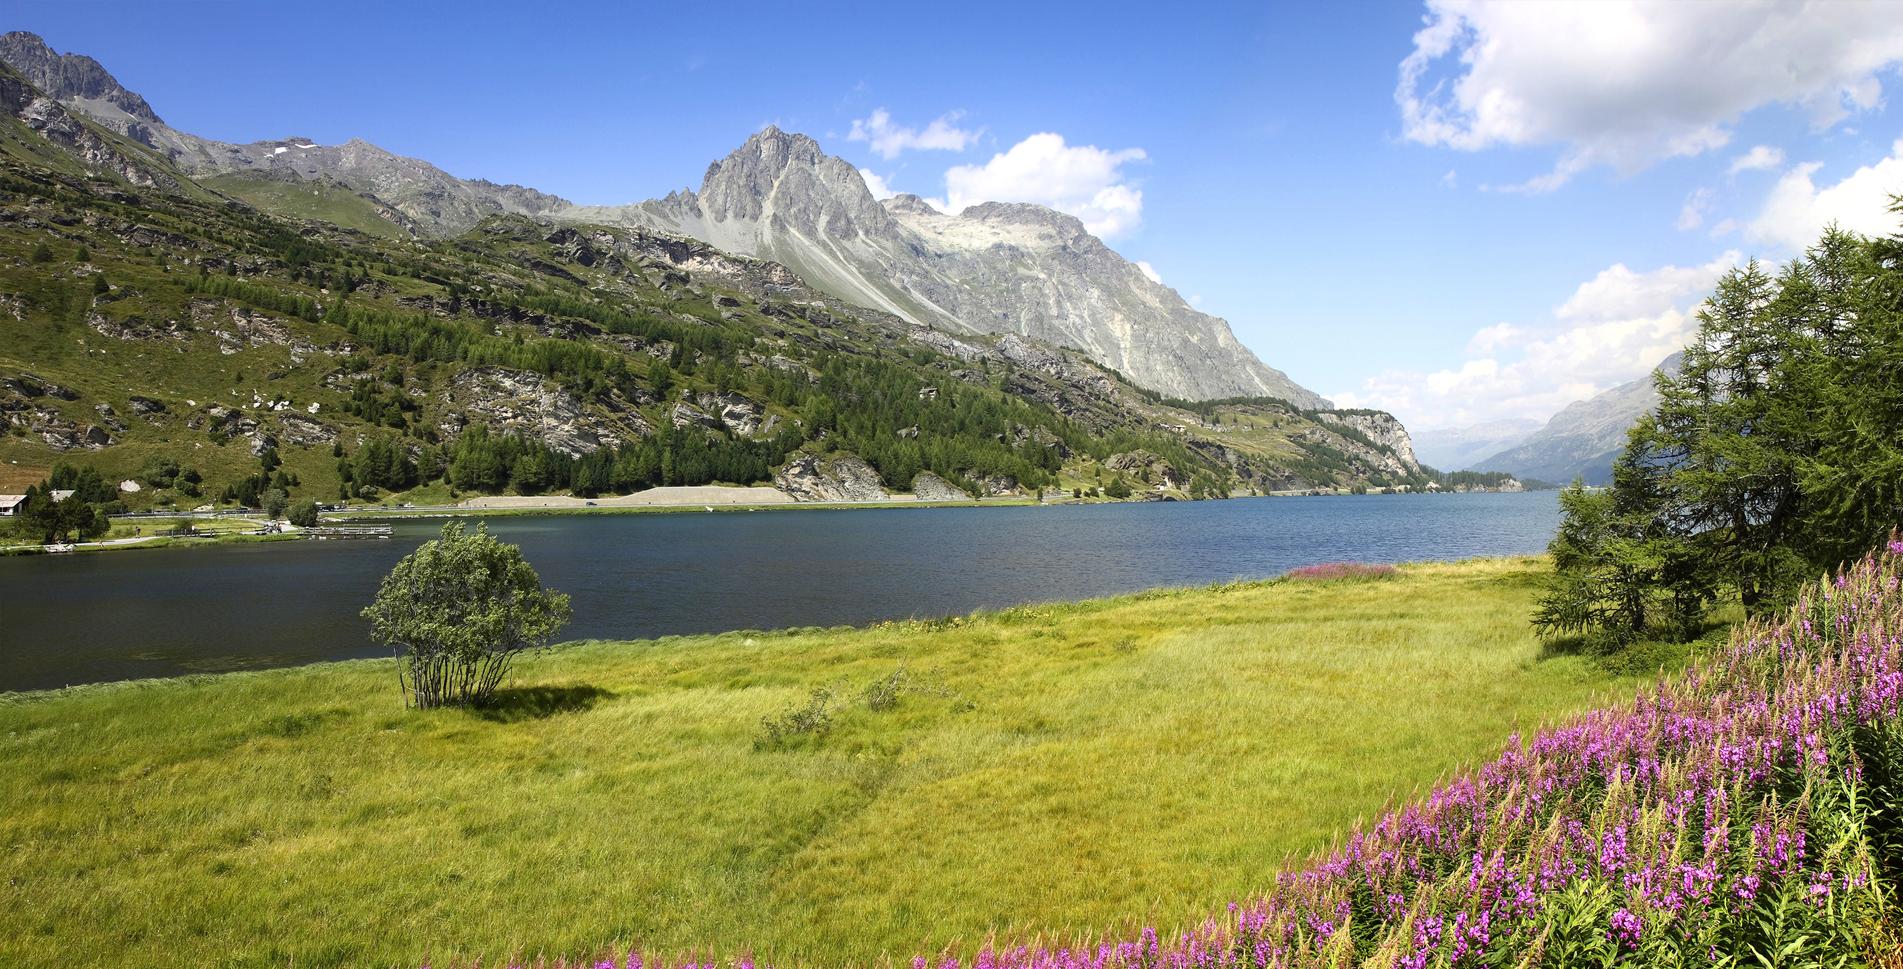 Wanderung rund um den Silsersee (Rundwanderung) von Sils-Maria via Isola, Palü da Lägh / Maloja, Splüga, Alp Grevasalvas, Sils-Baselgia, Chastè zurück nach Sils